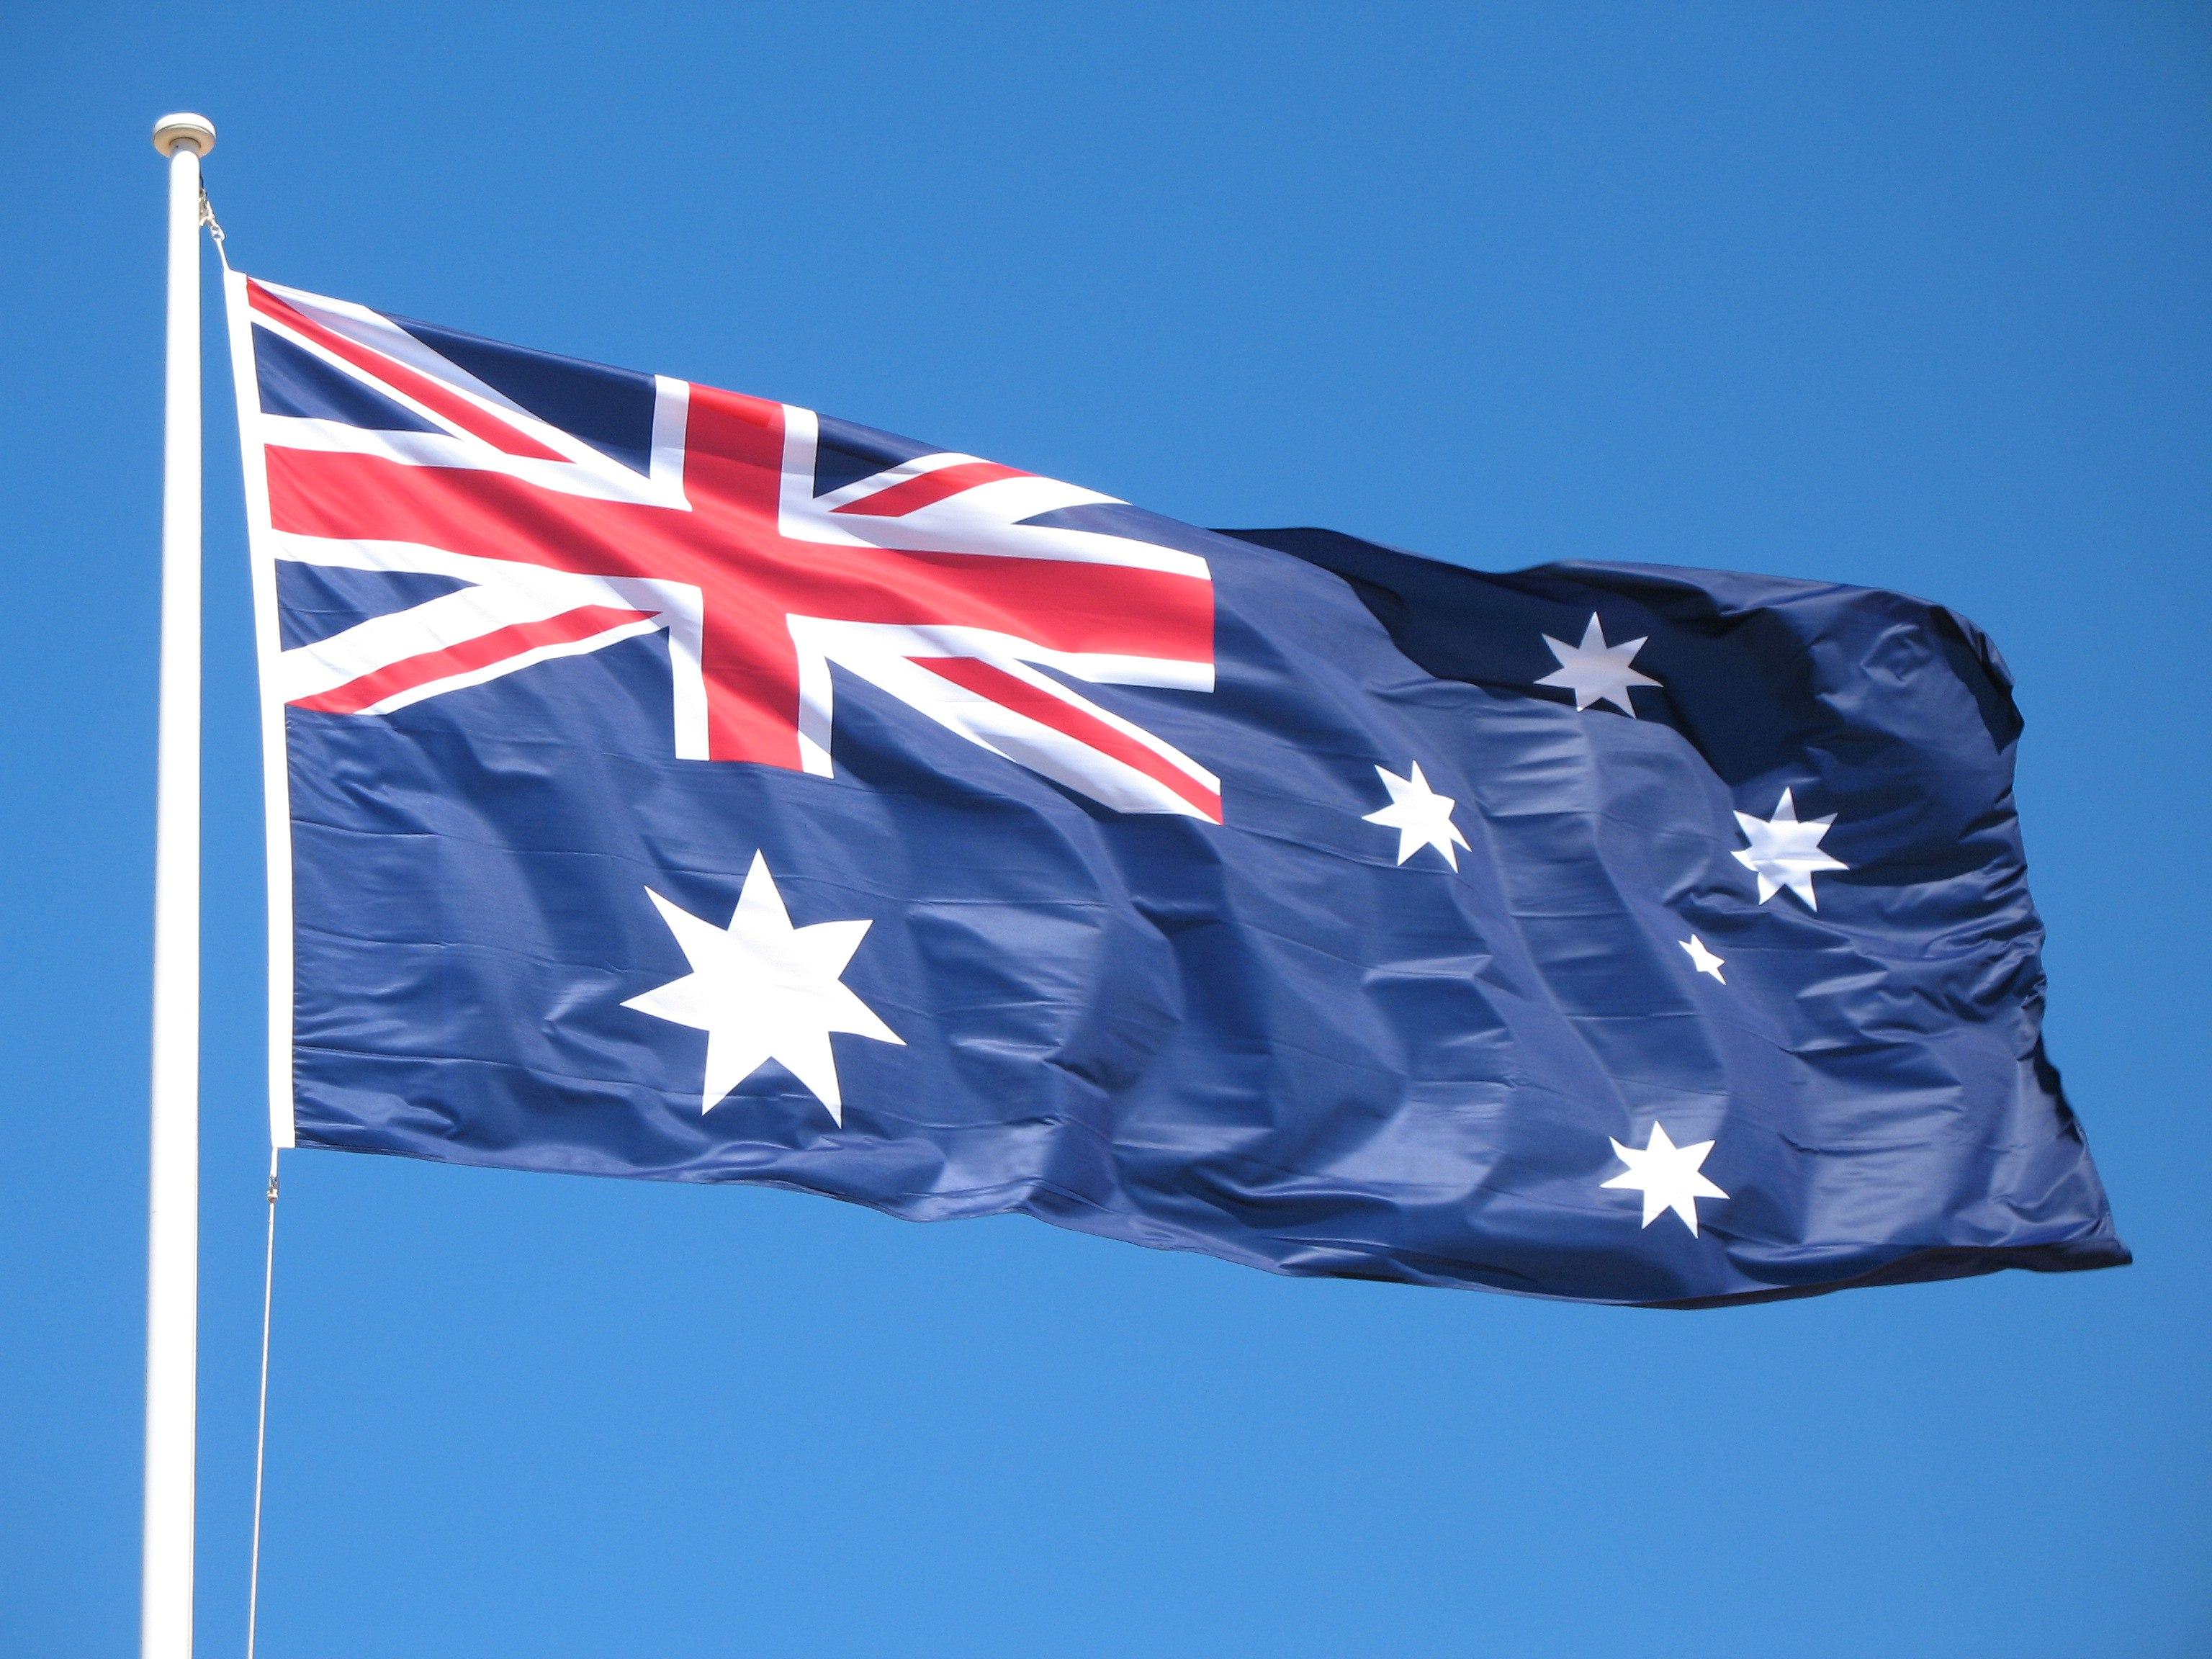 Hai visto? Consigli per chi desidera trasferirsi in Australia